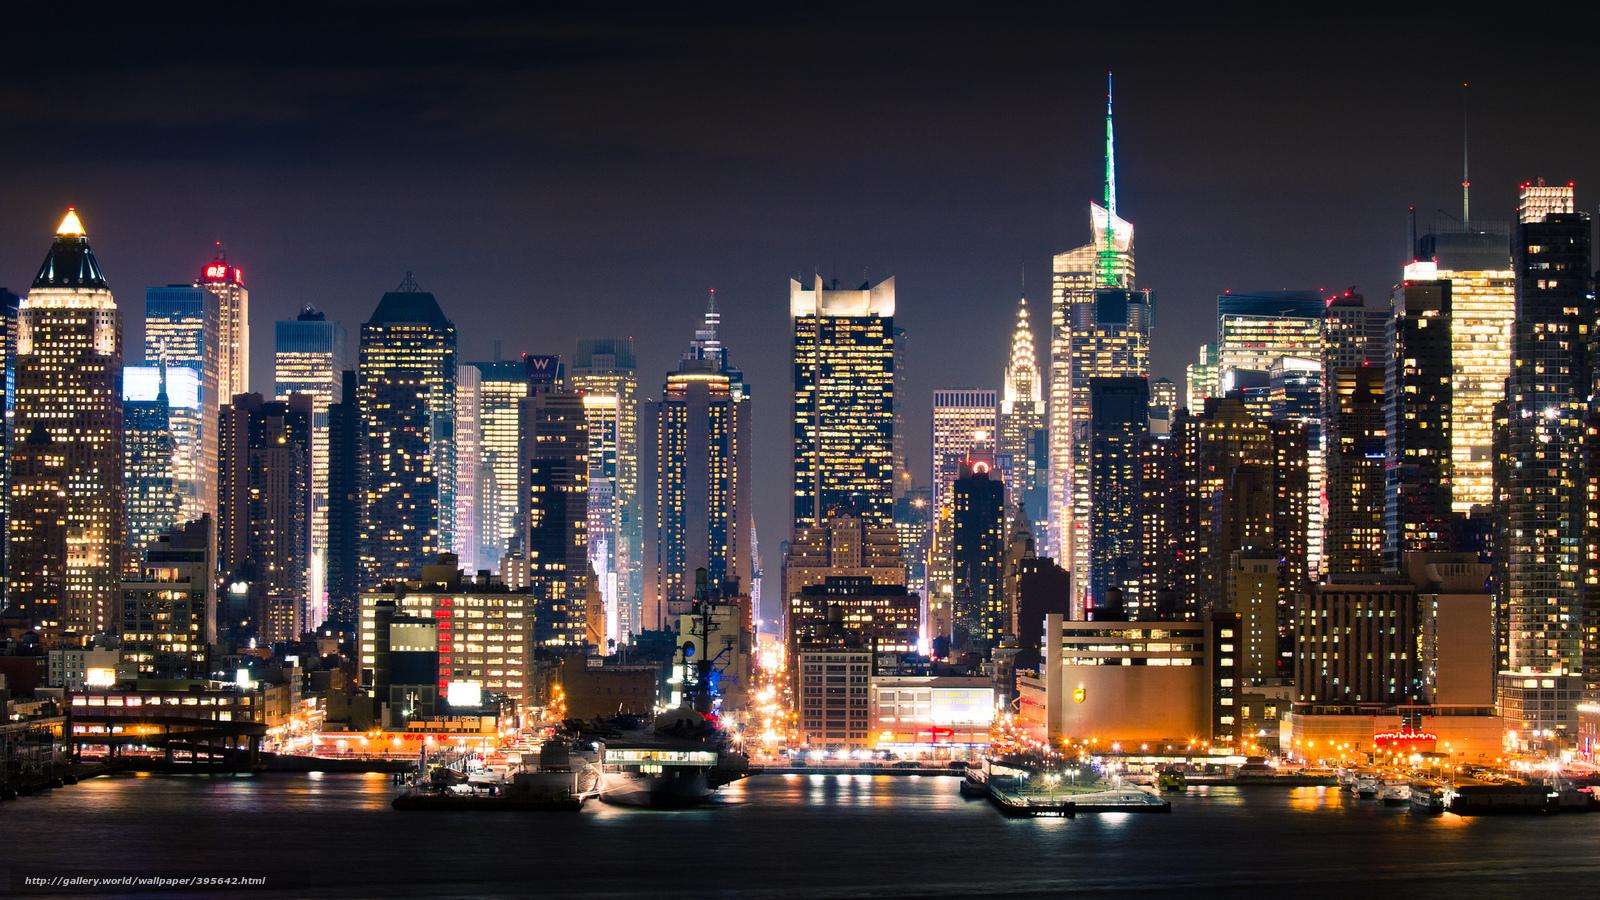 Tlcharger fond d 39 ecran ville new york manhattan nuit for Ville a new york